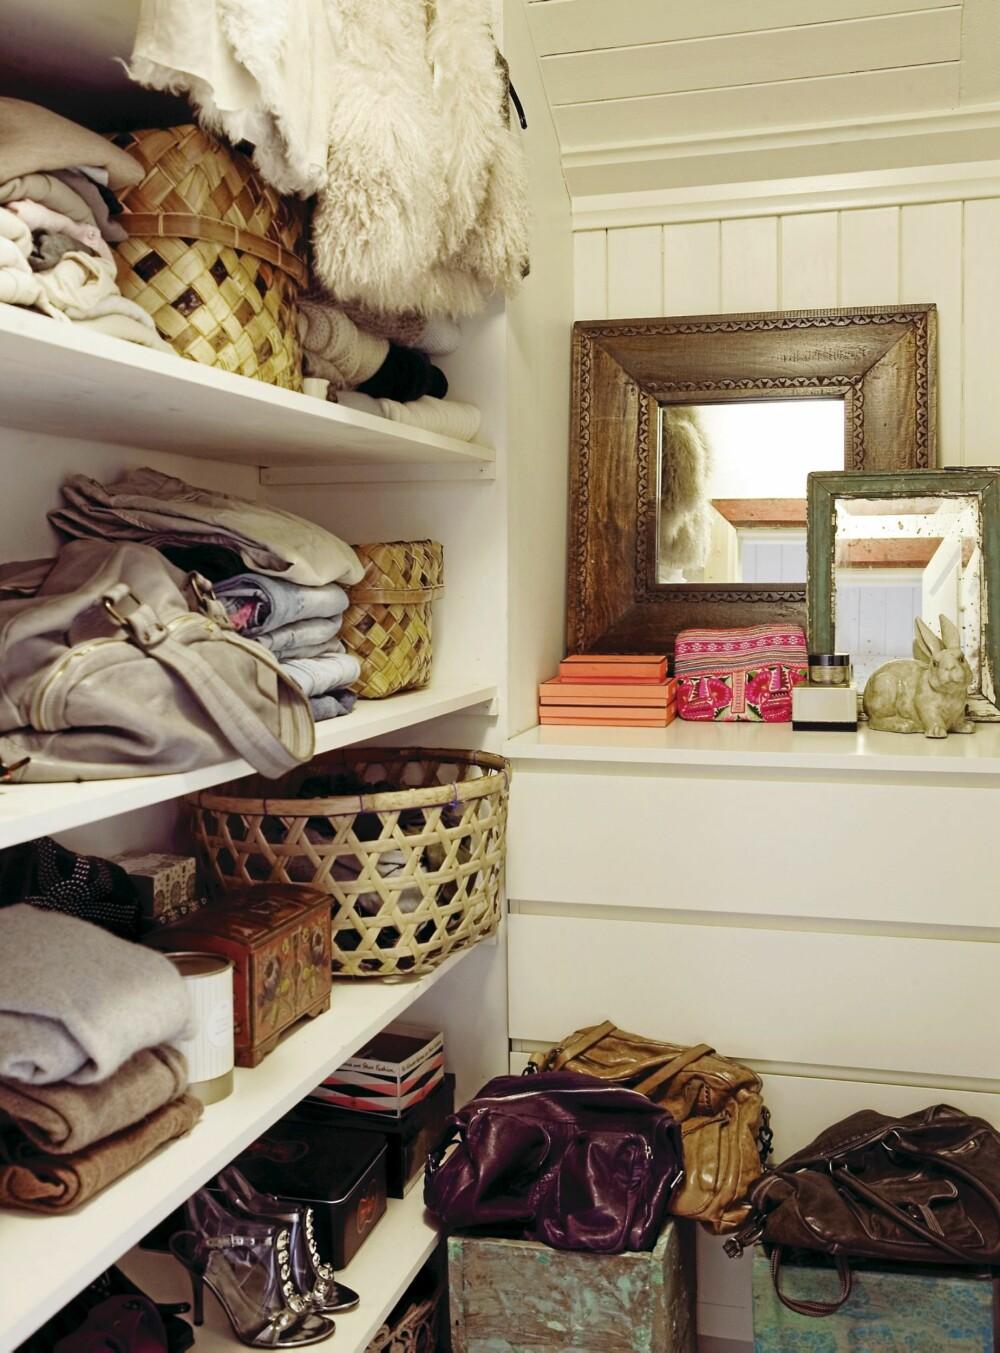 ÅPNE HYLLER. La klær og tekstiler ligge i åpne hyller. Det krever mer orden, men du får god oversikt. En kommode kan være god å ha til rot og andre ting i.